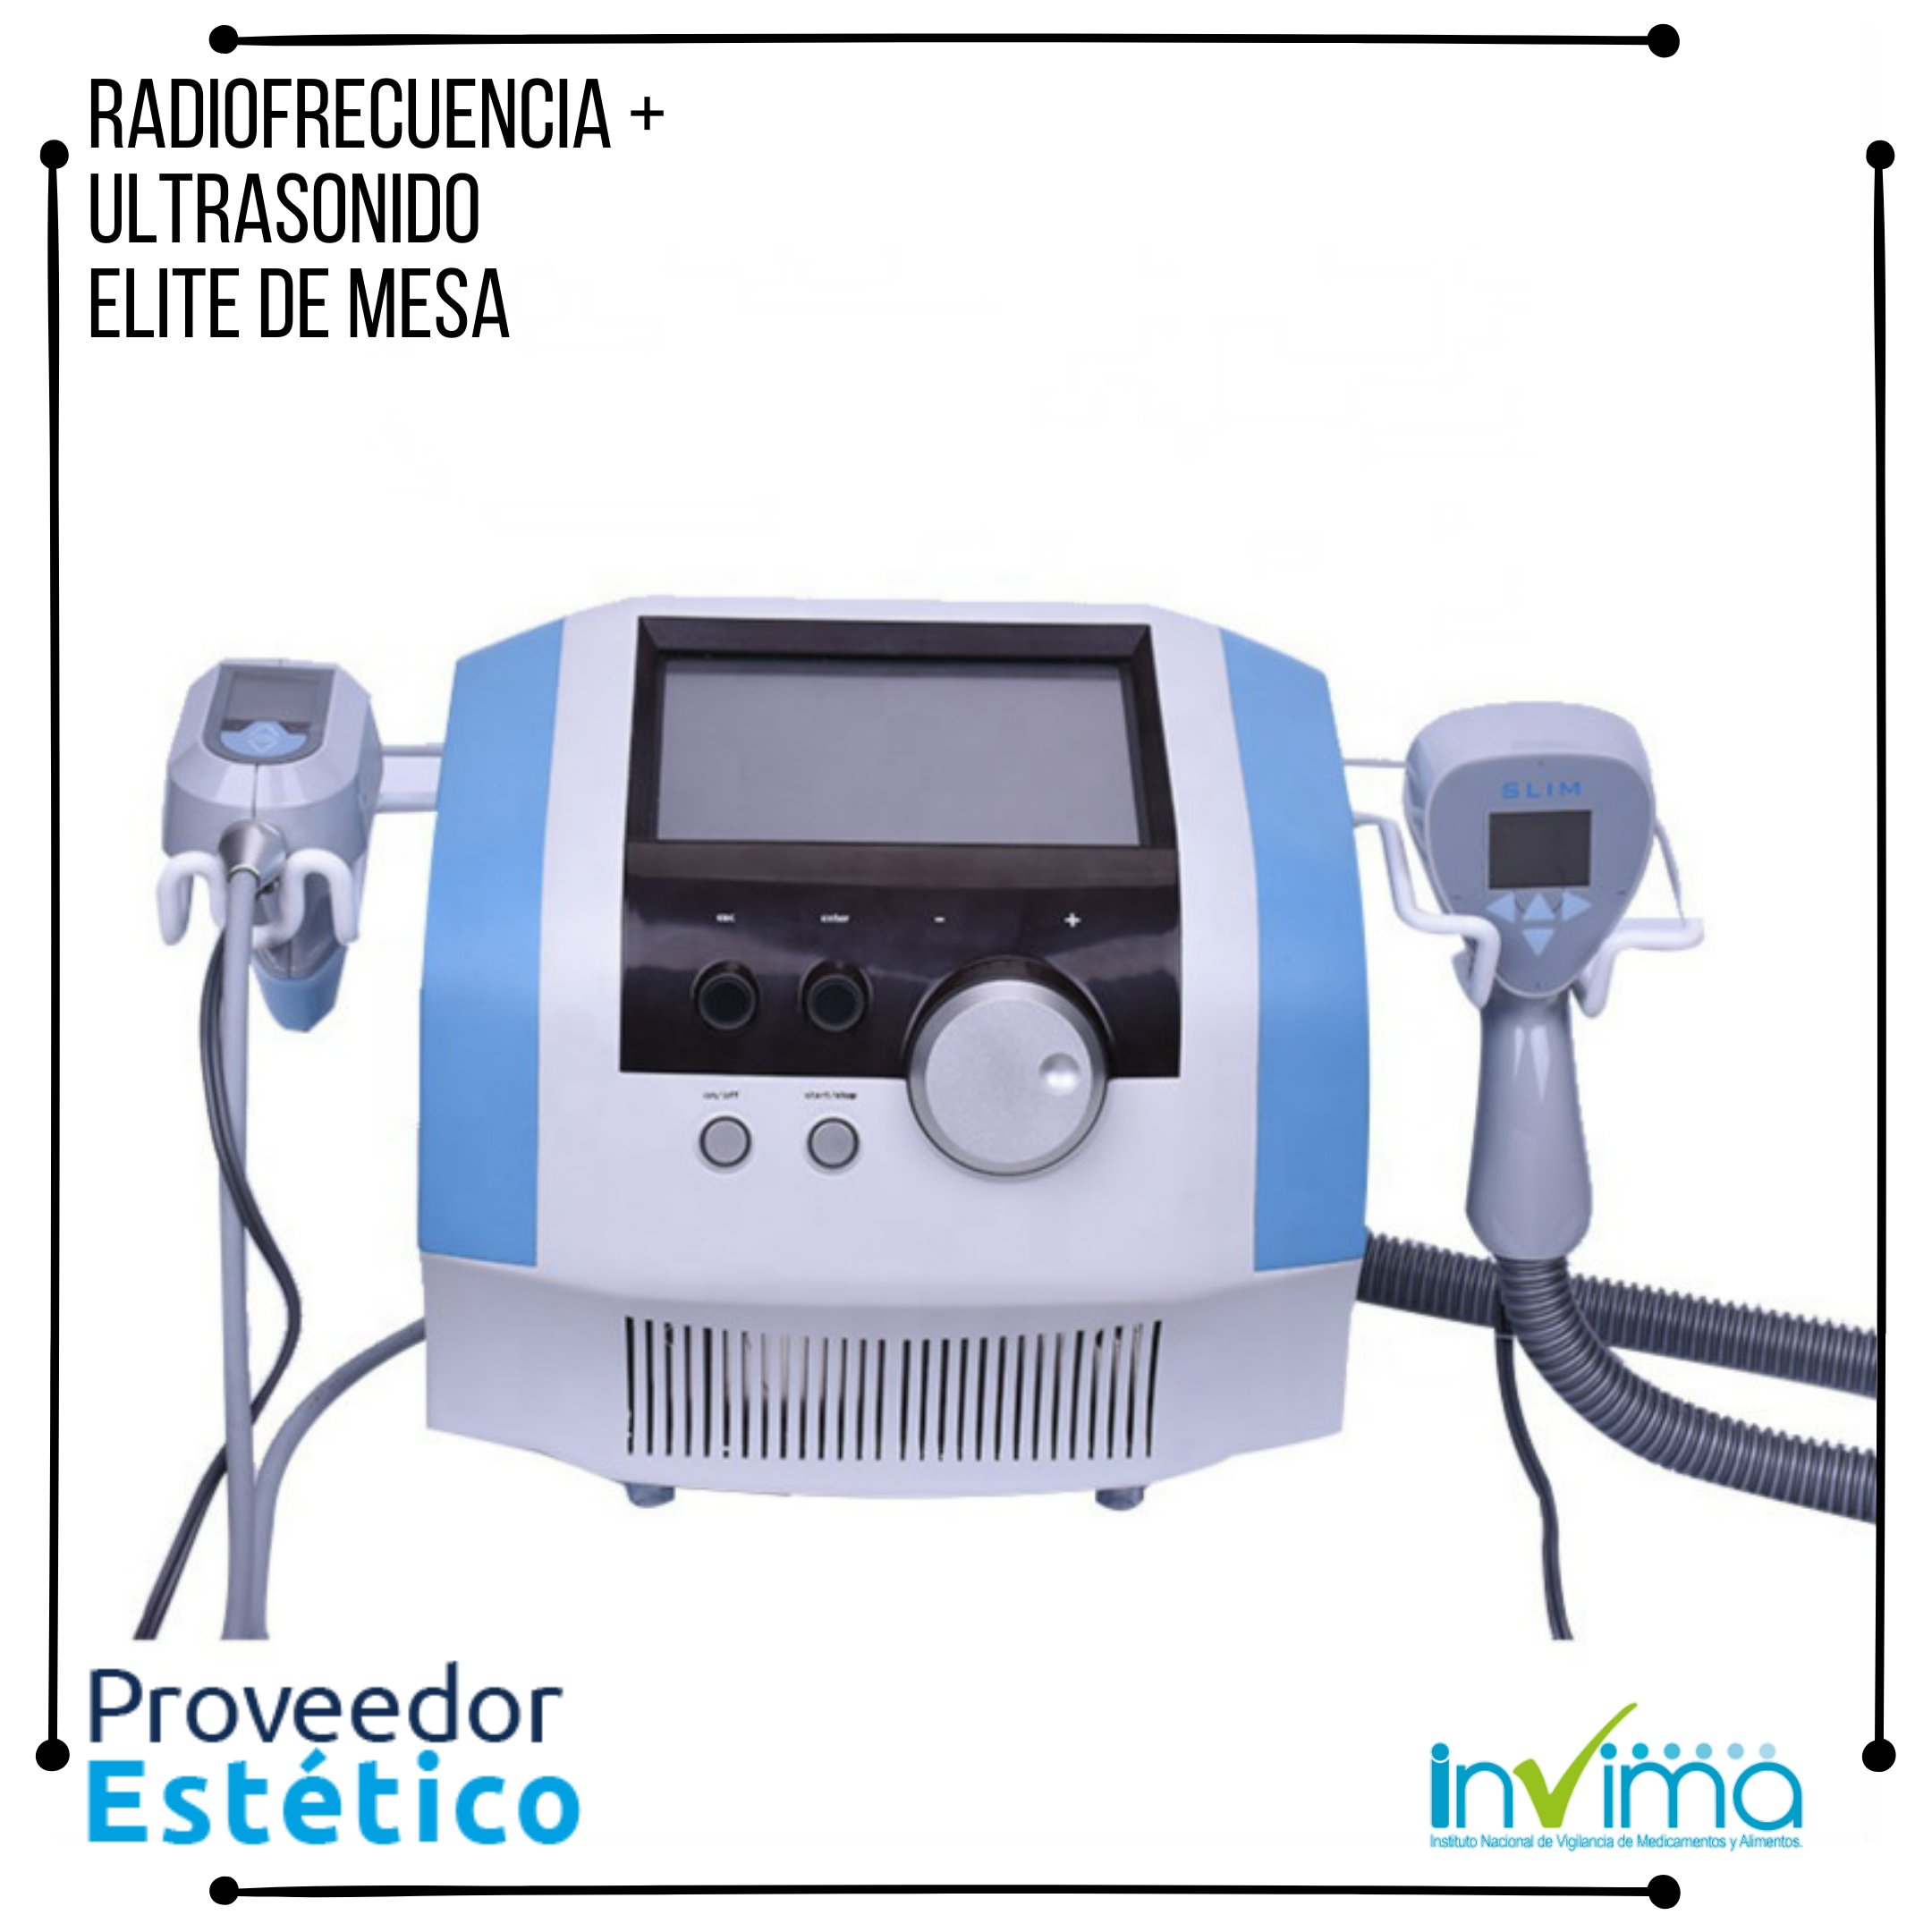 Radiofrecuencia Ultrasonica Elite de Mesa